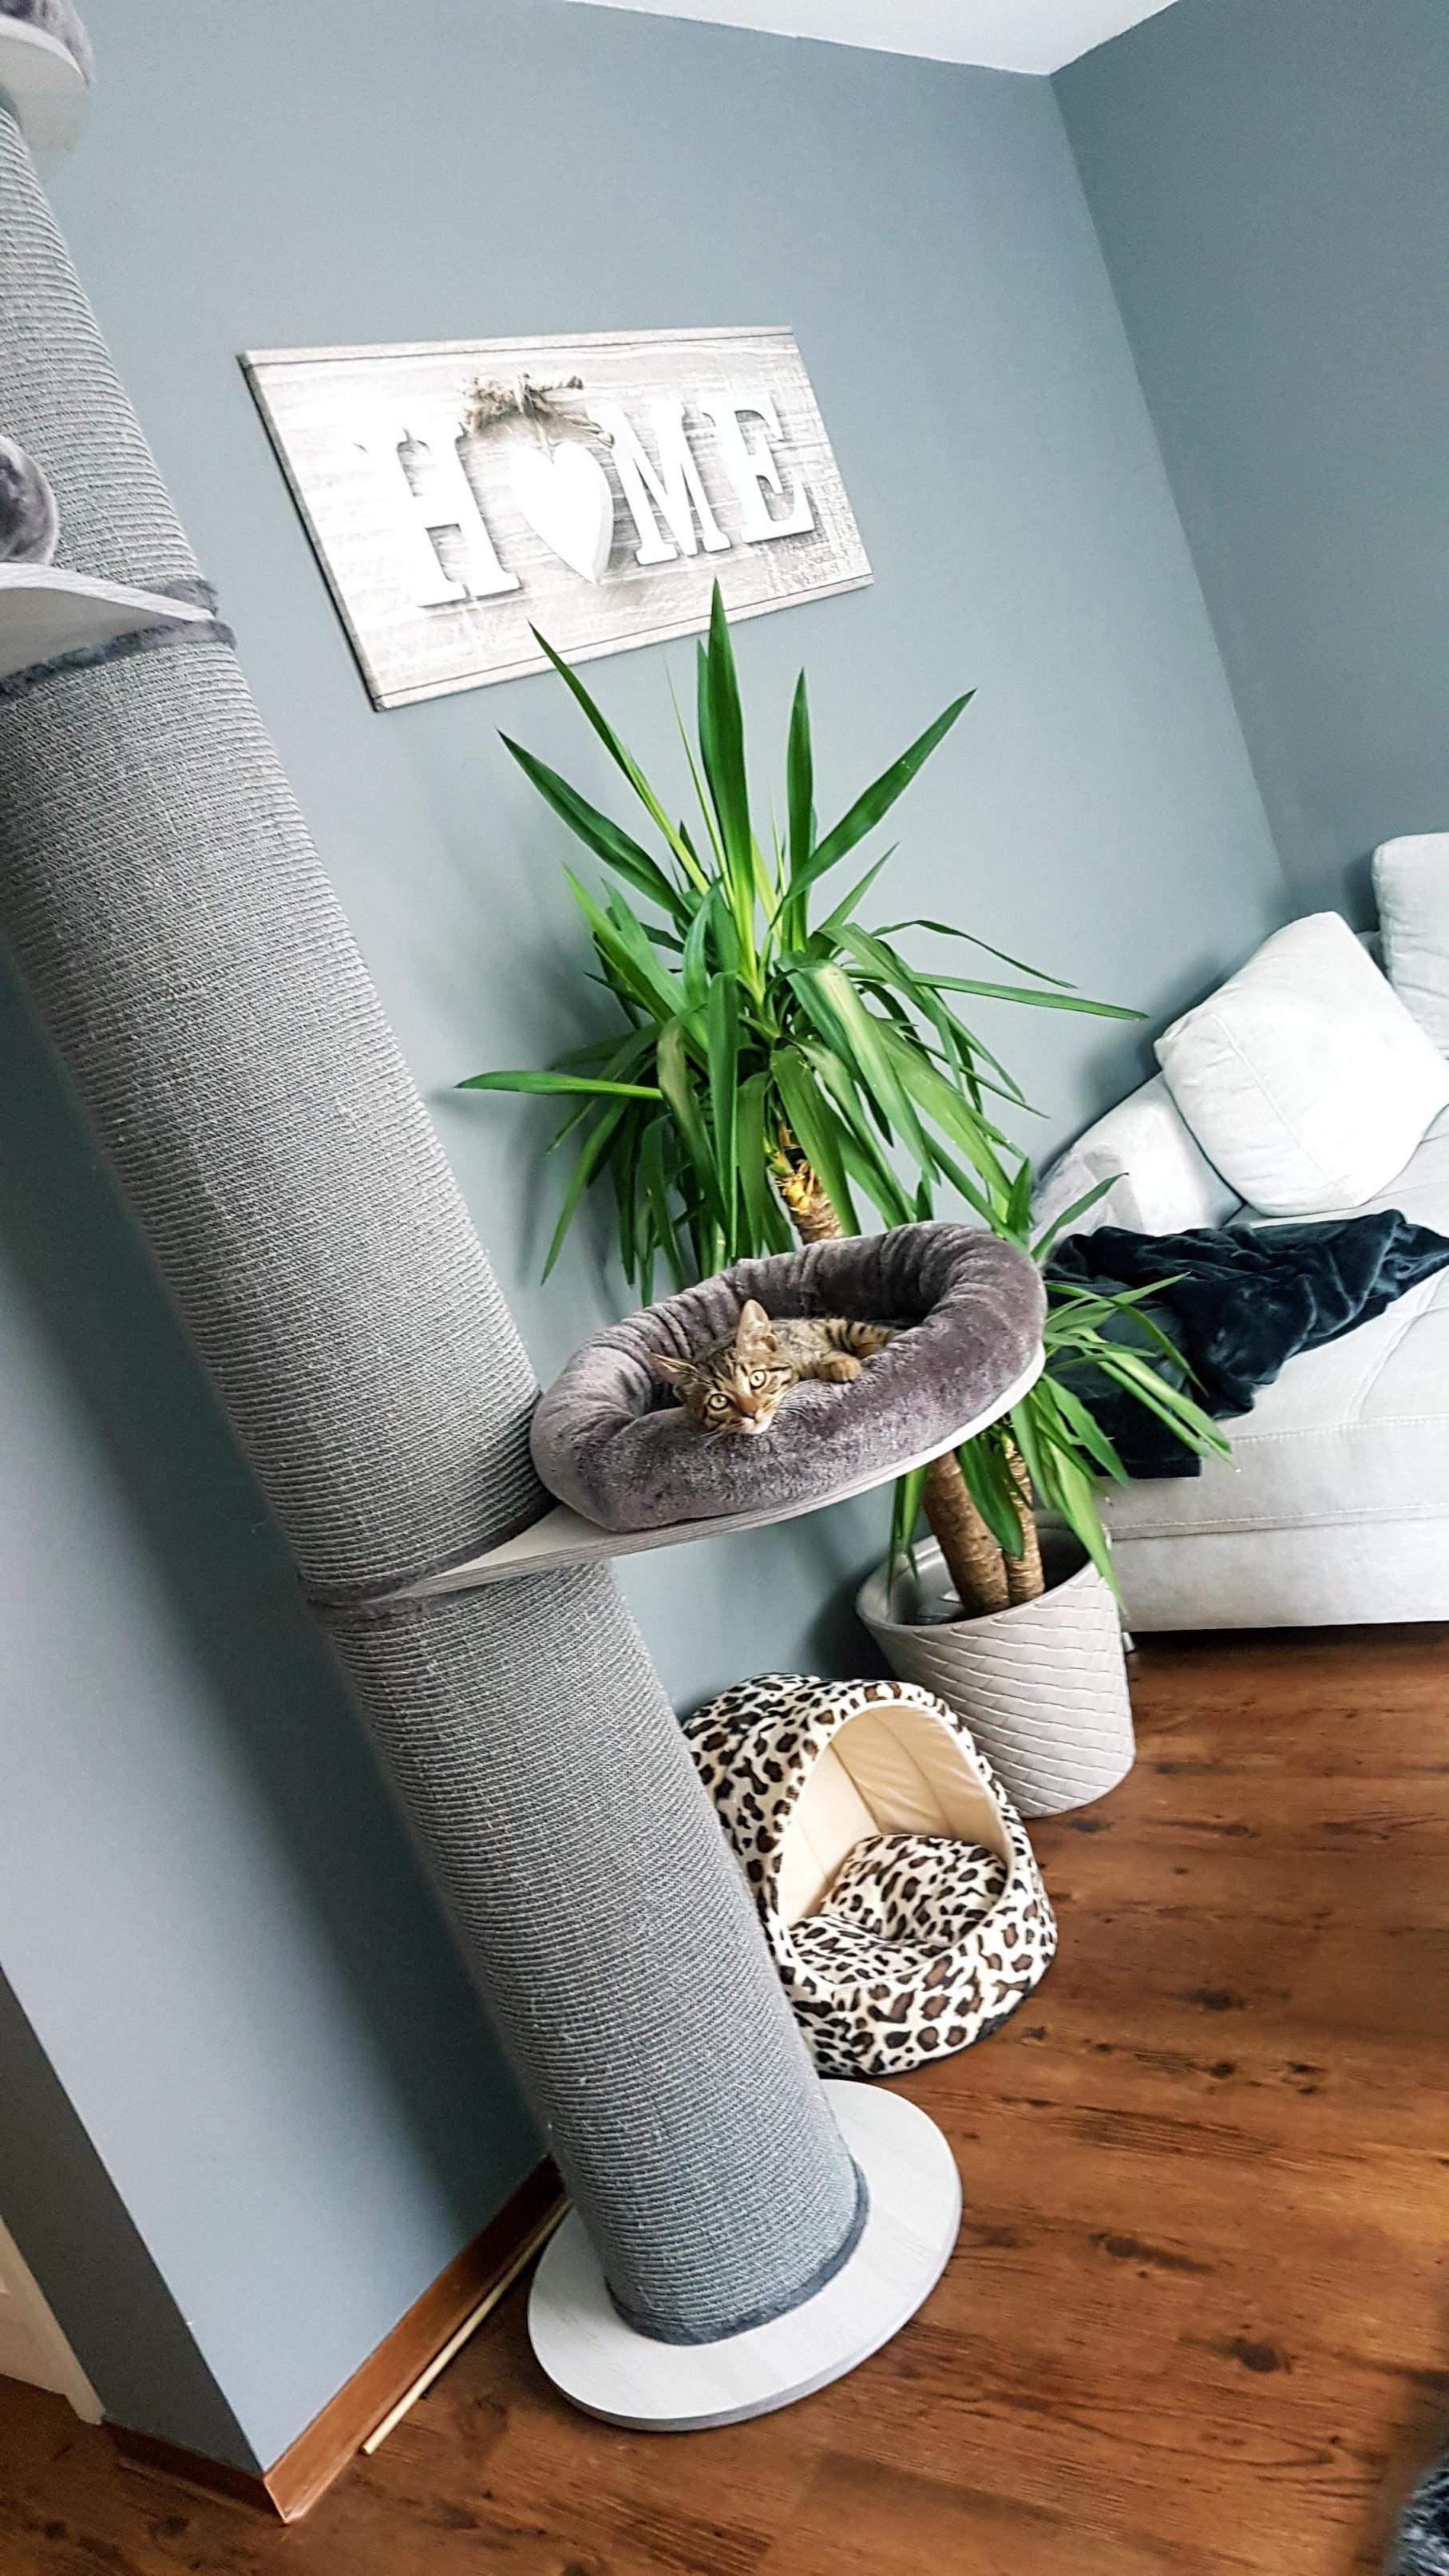 Wenn Der Kleine Sich Sogar Wohlfühlt😍couchliebt Kr von Deko Möbel Wohnzimmer Bild